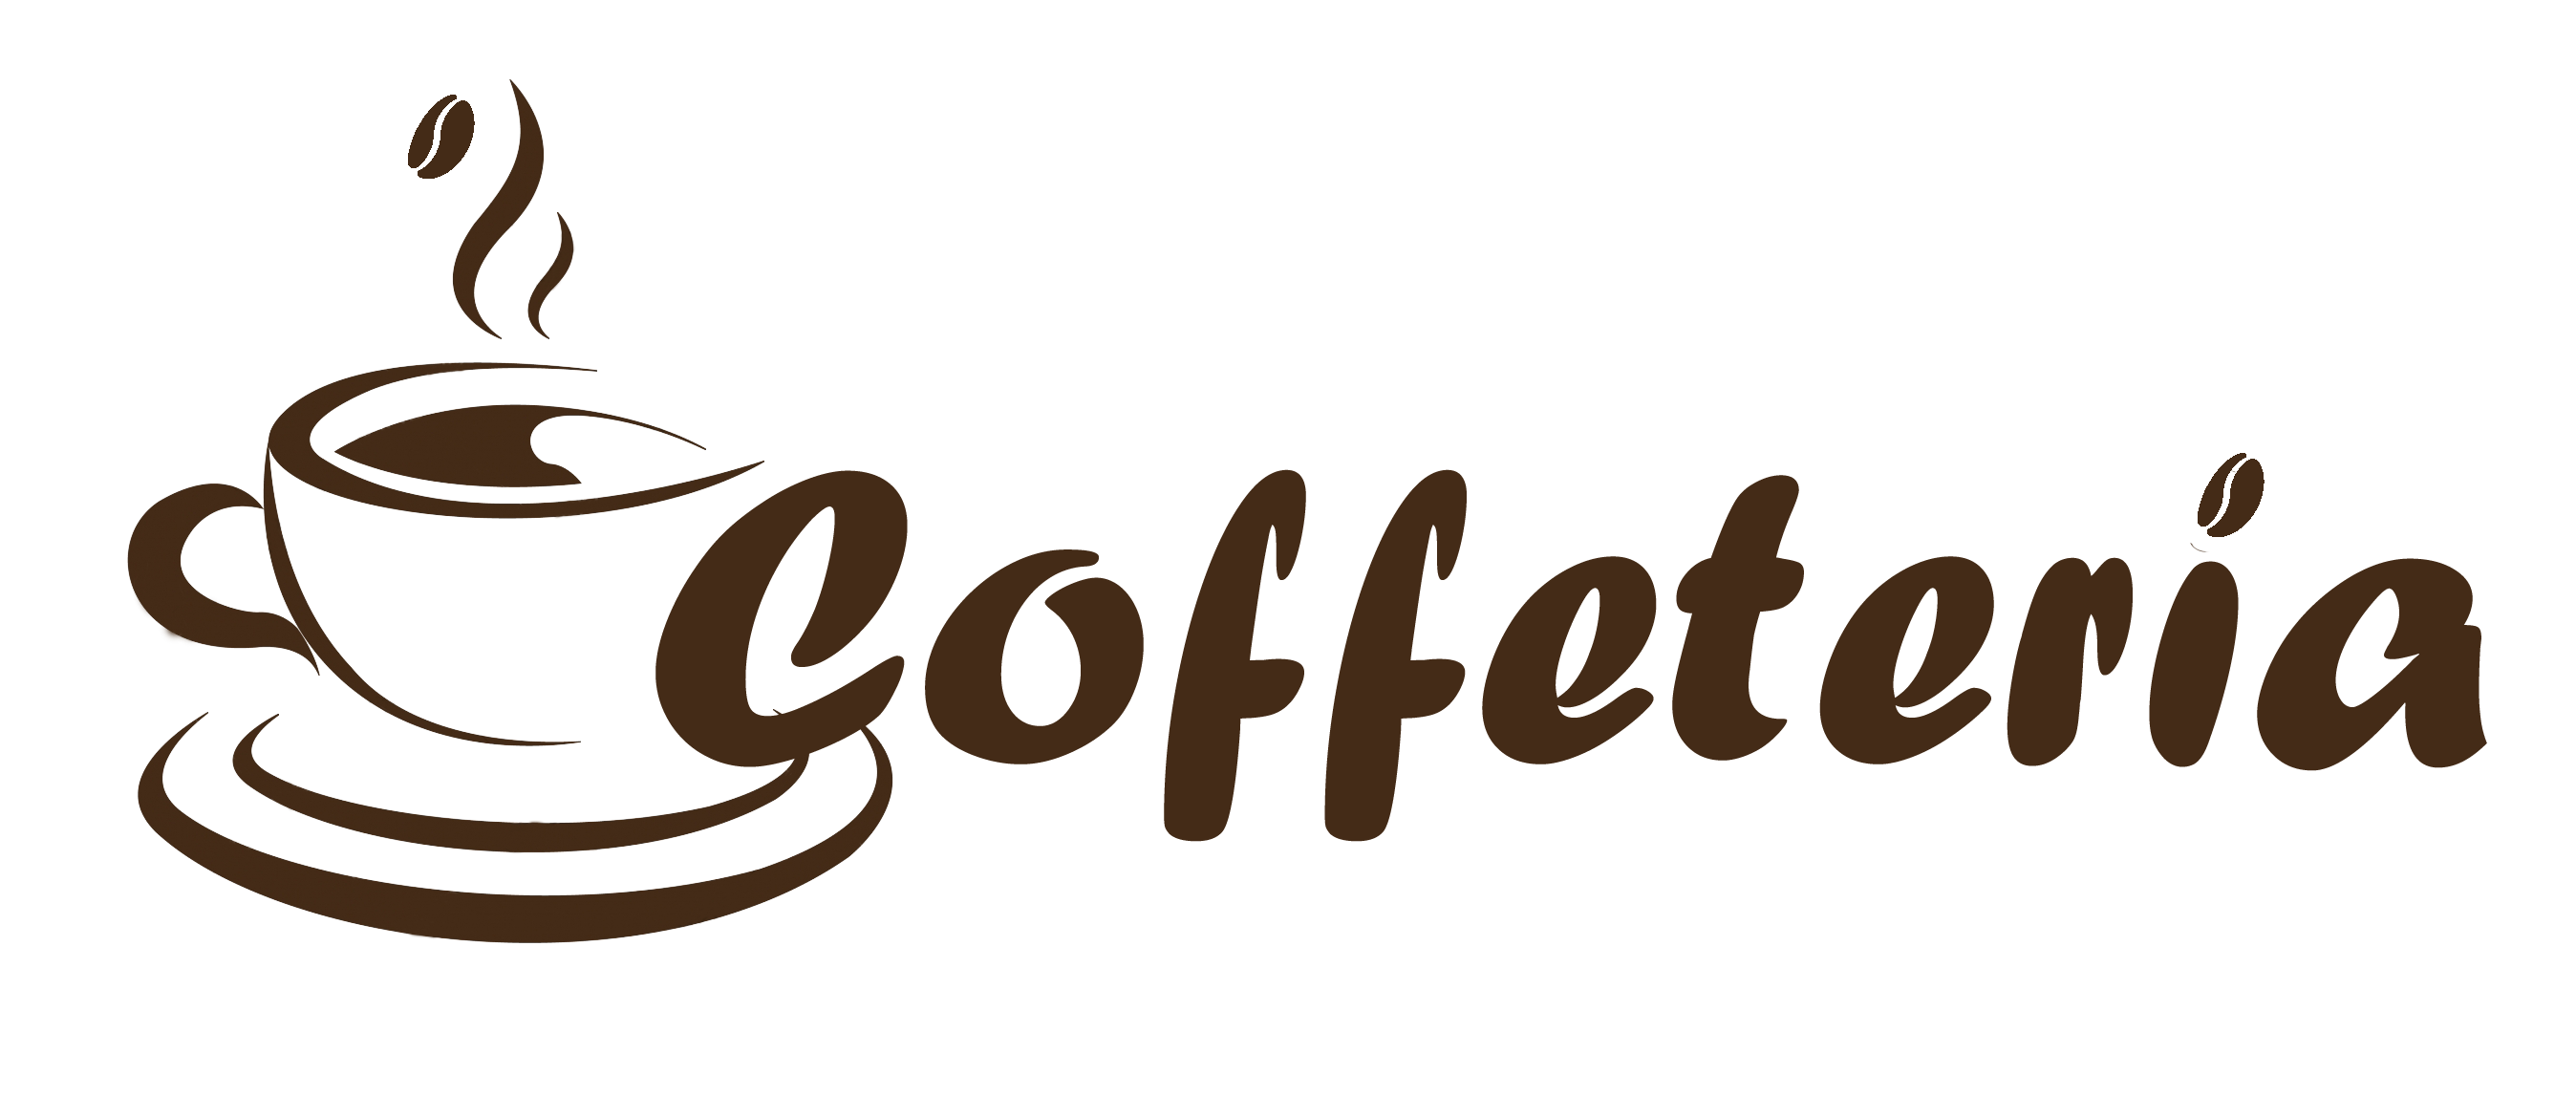 Coffeteria.sk